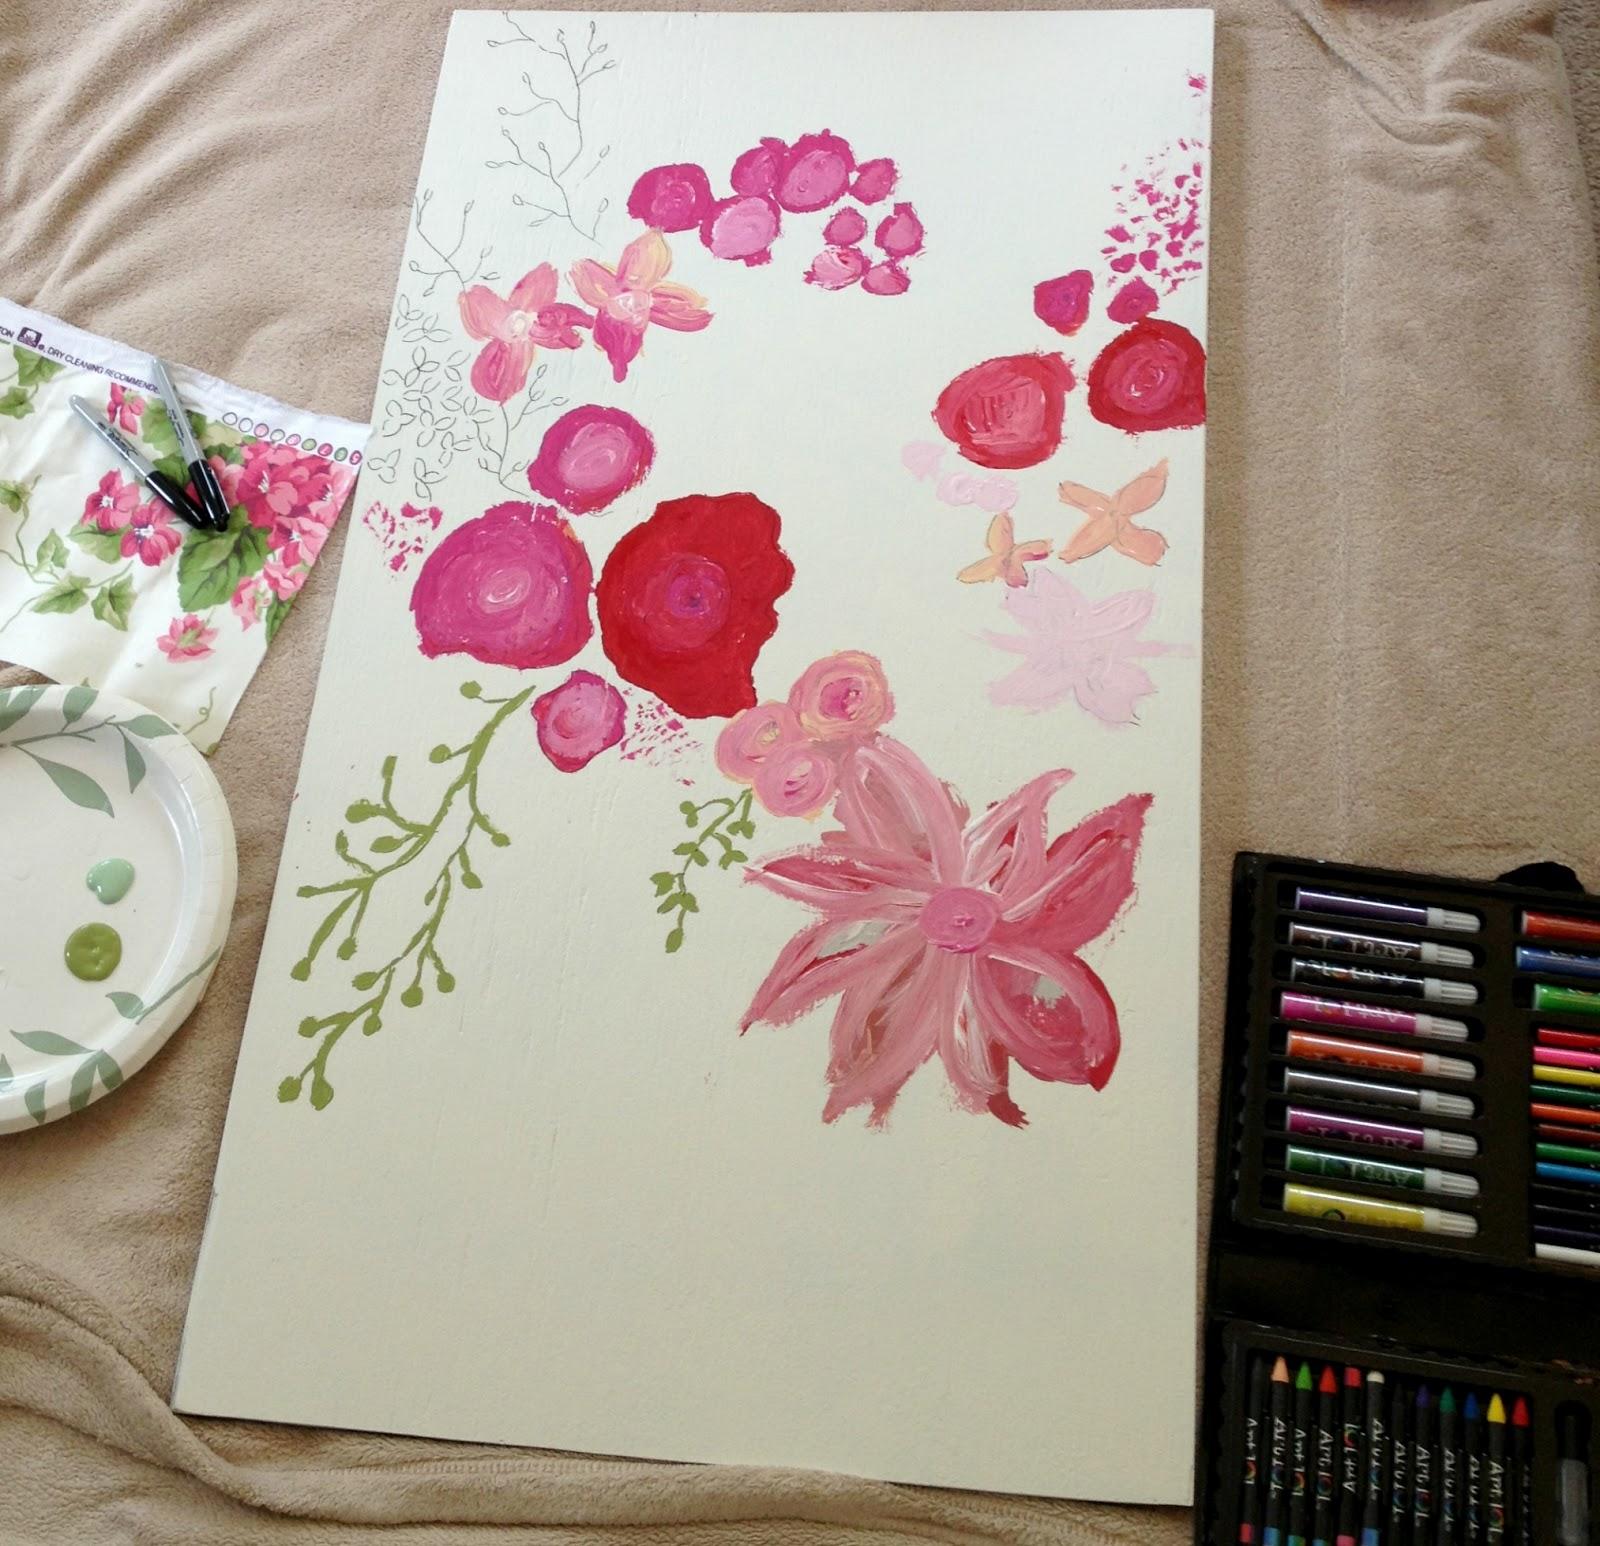 DIY Floral Wall Art With Nailhead Trim | LiveLoveDIY ...